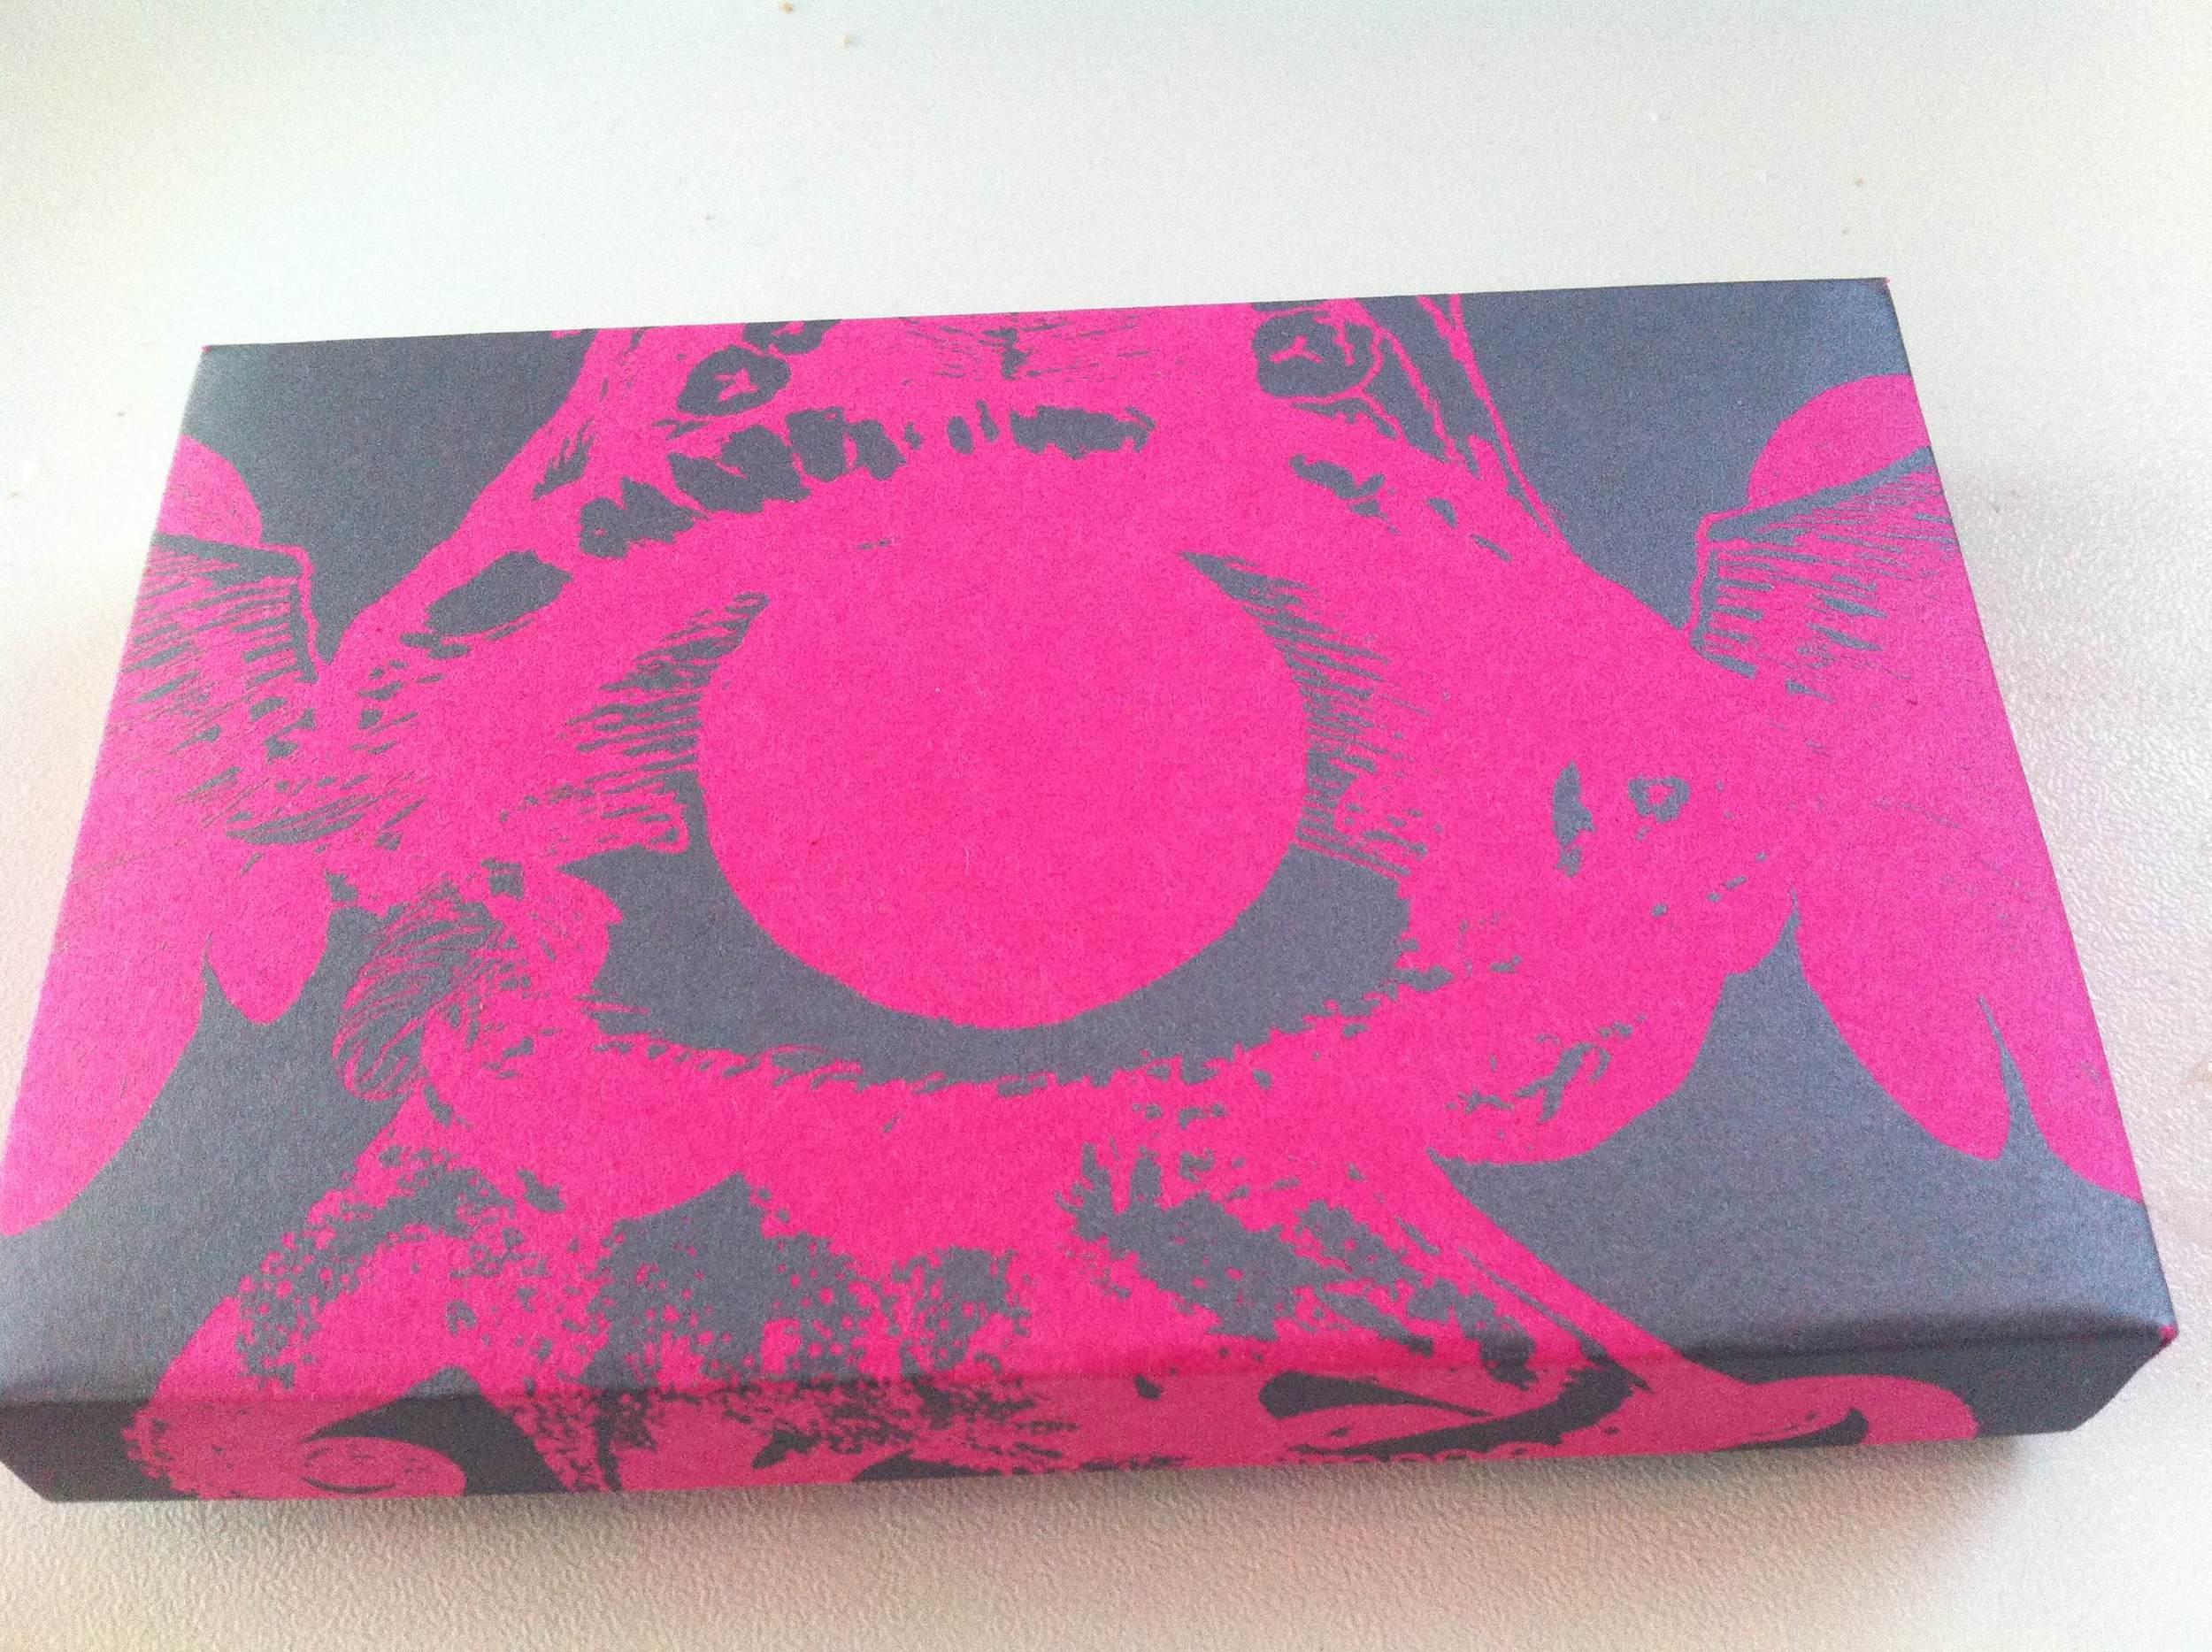 SKUMC01 Velkommen Til Forus Released 06.08.2013 - 50 copies